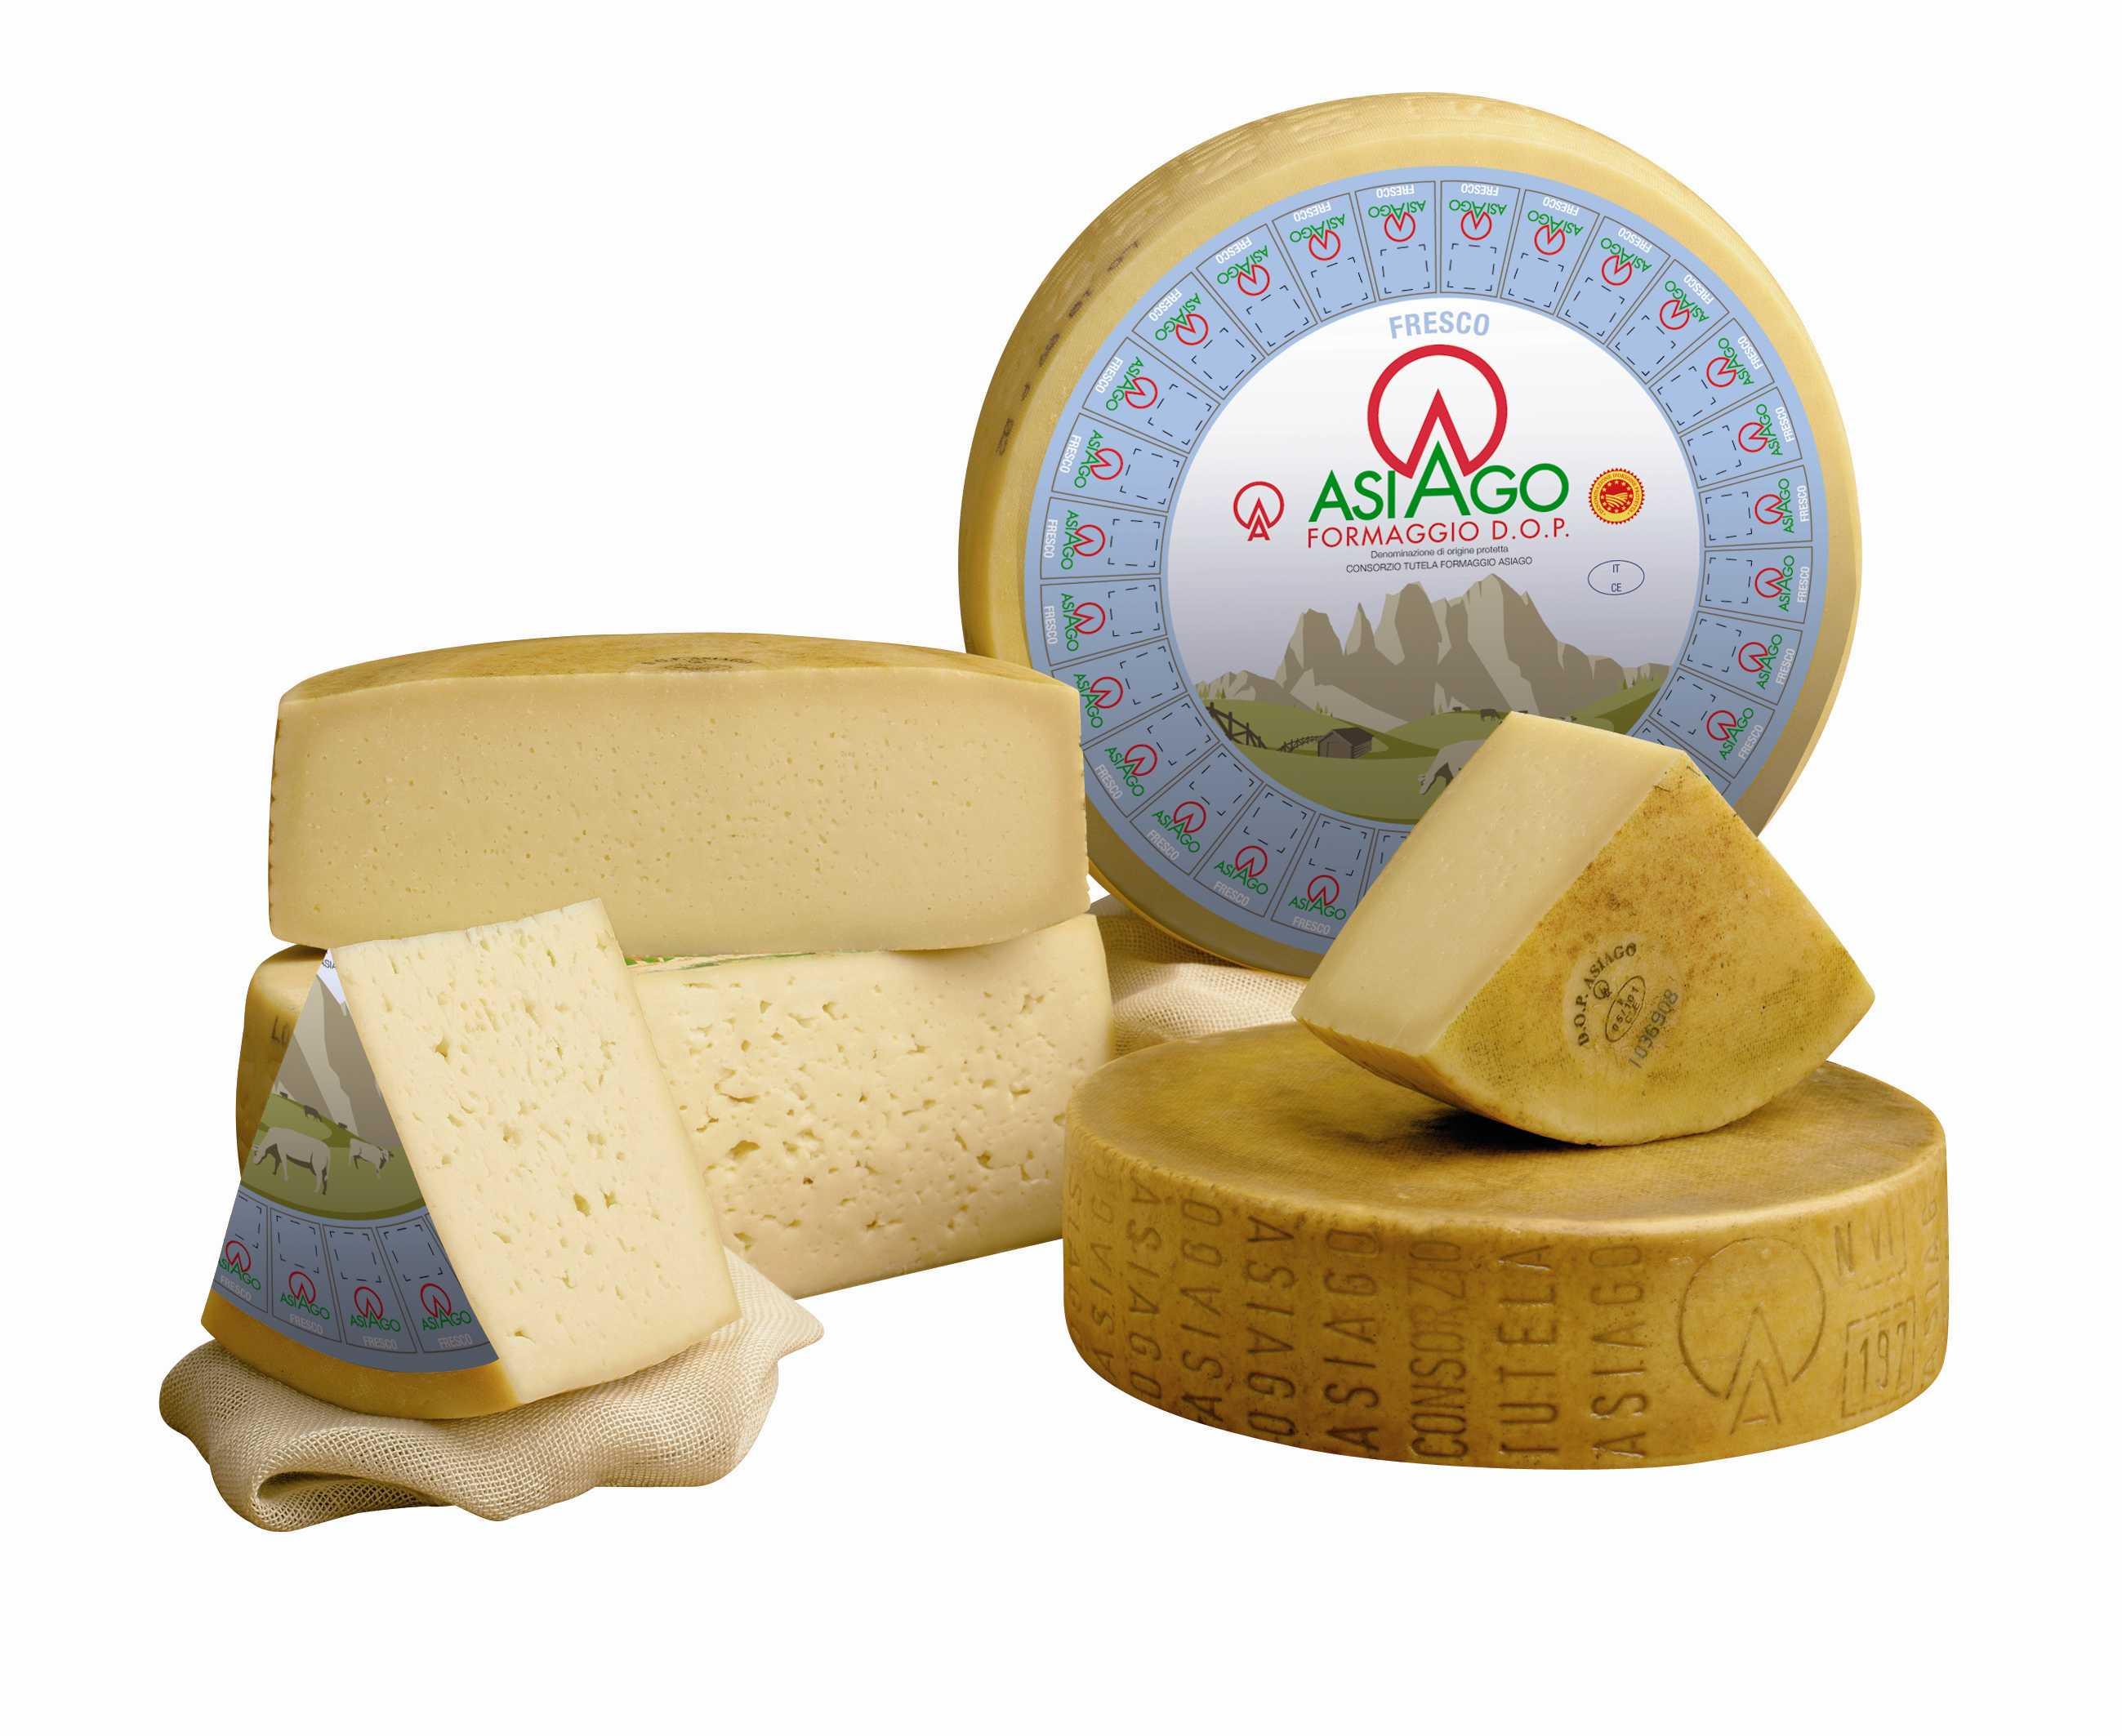 formaggio asiago dop